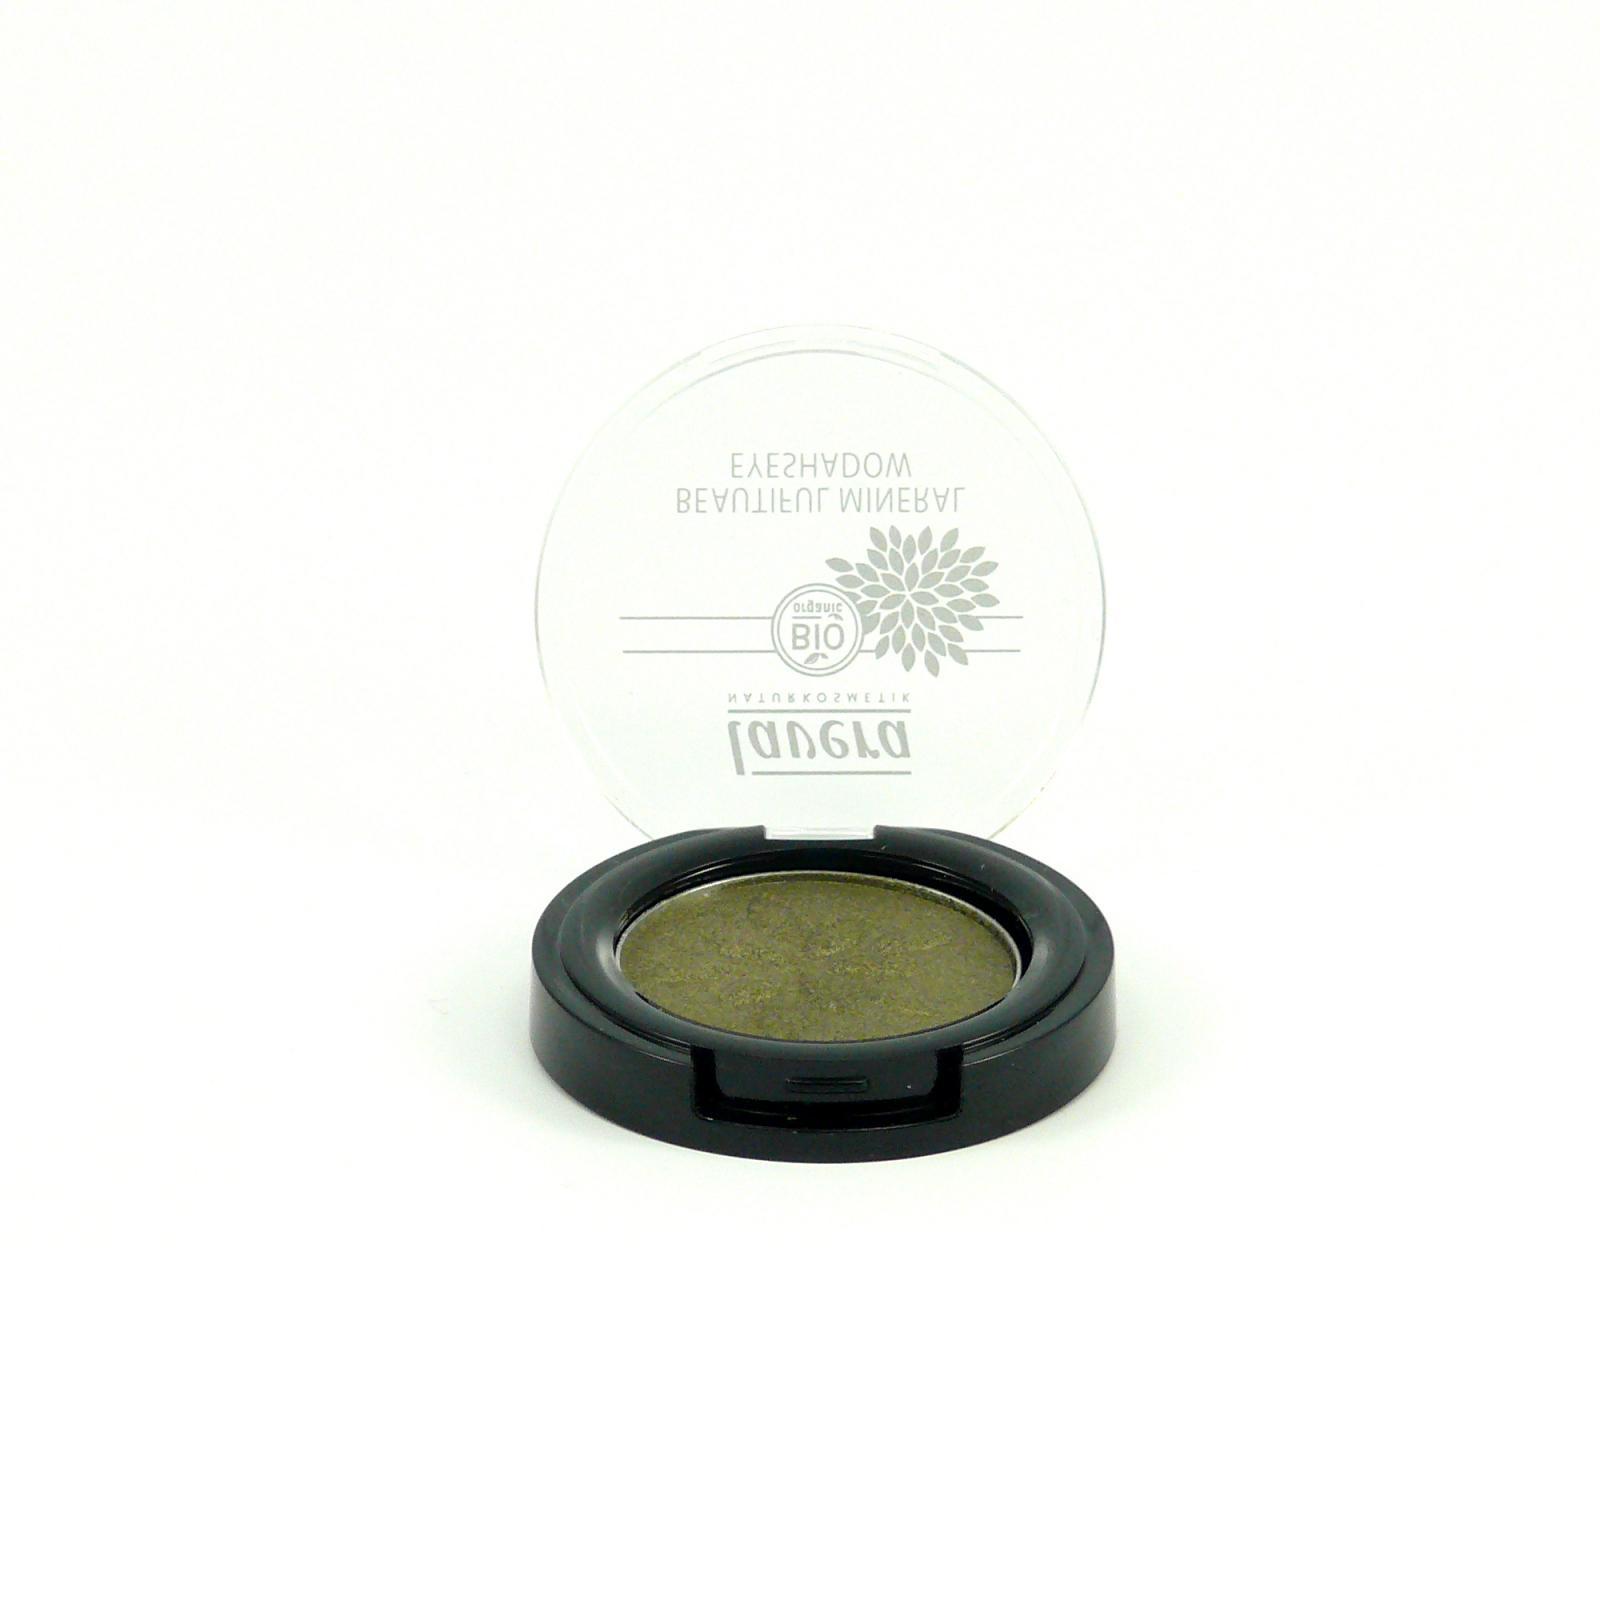 Lavera Oční stíny MONO 06 olivová, Trend Sensitive 2014 2 g